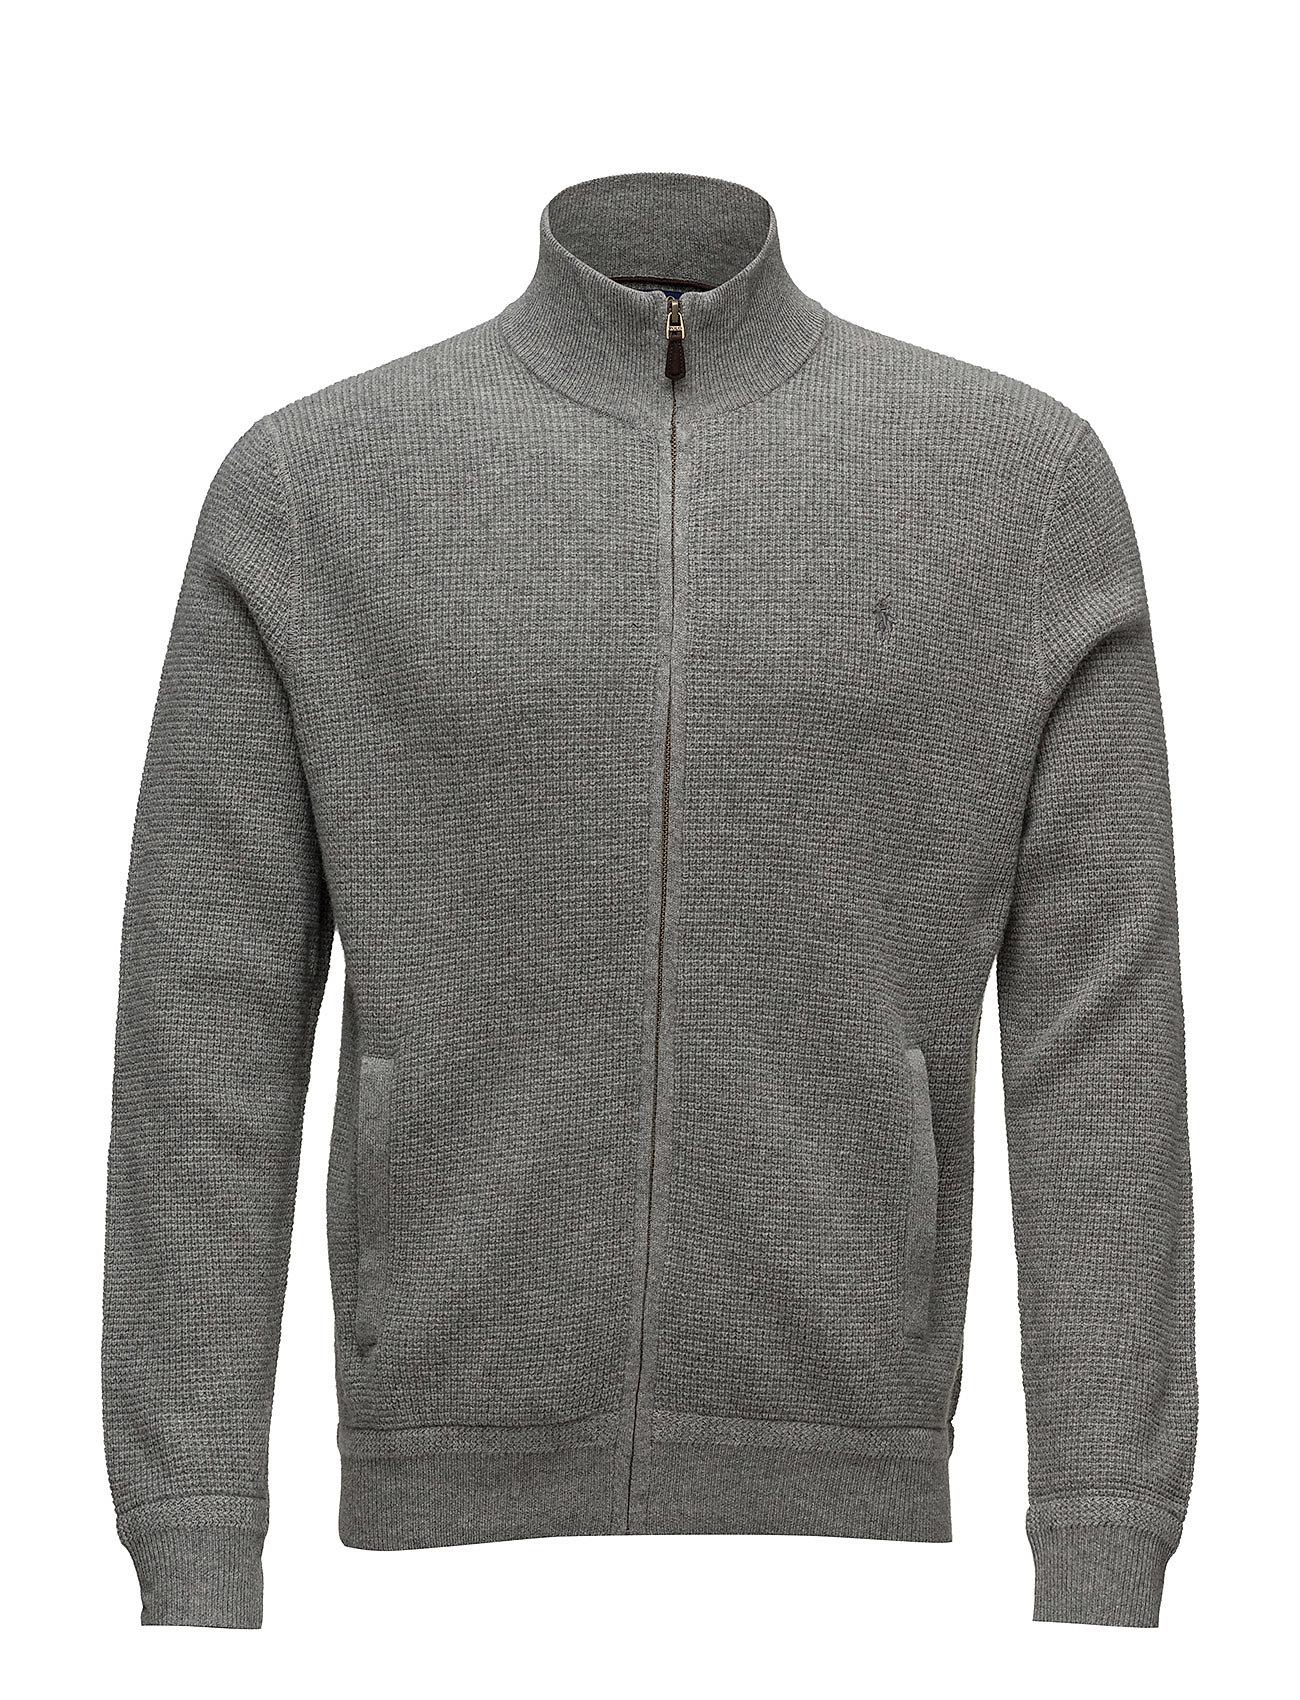 86814bd44bd Merino Wool Full-zip Sweater (Fawn Grey Heather) (£113.75) - Polo ...